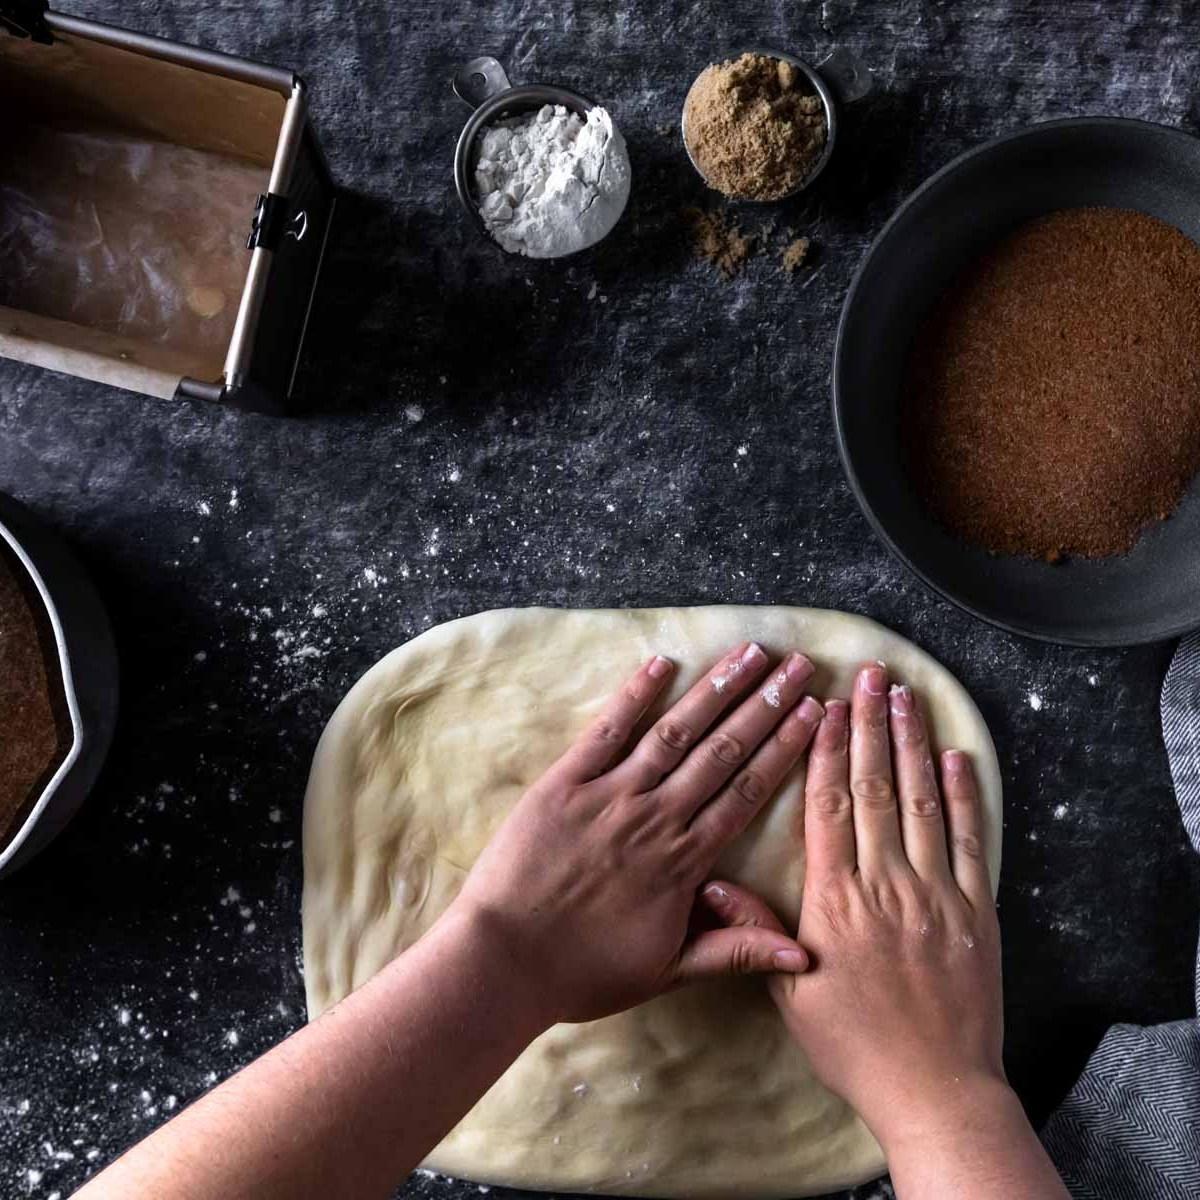 Patting down the monkey bread dough